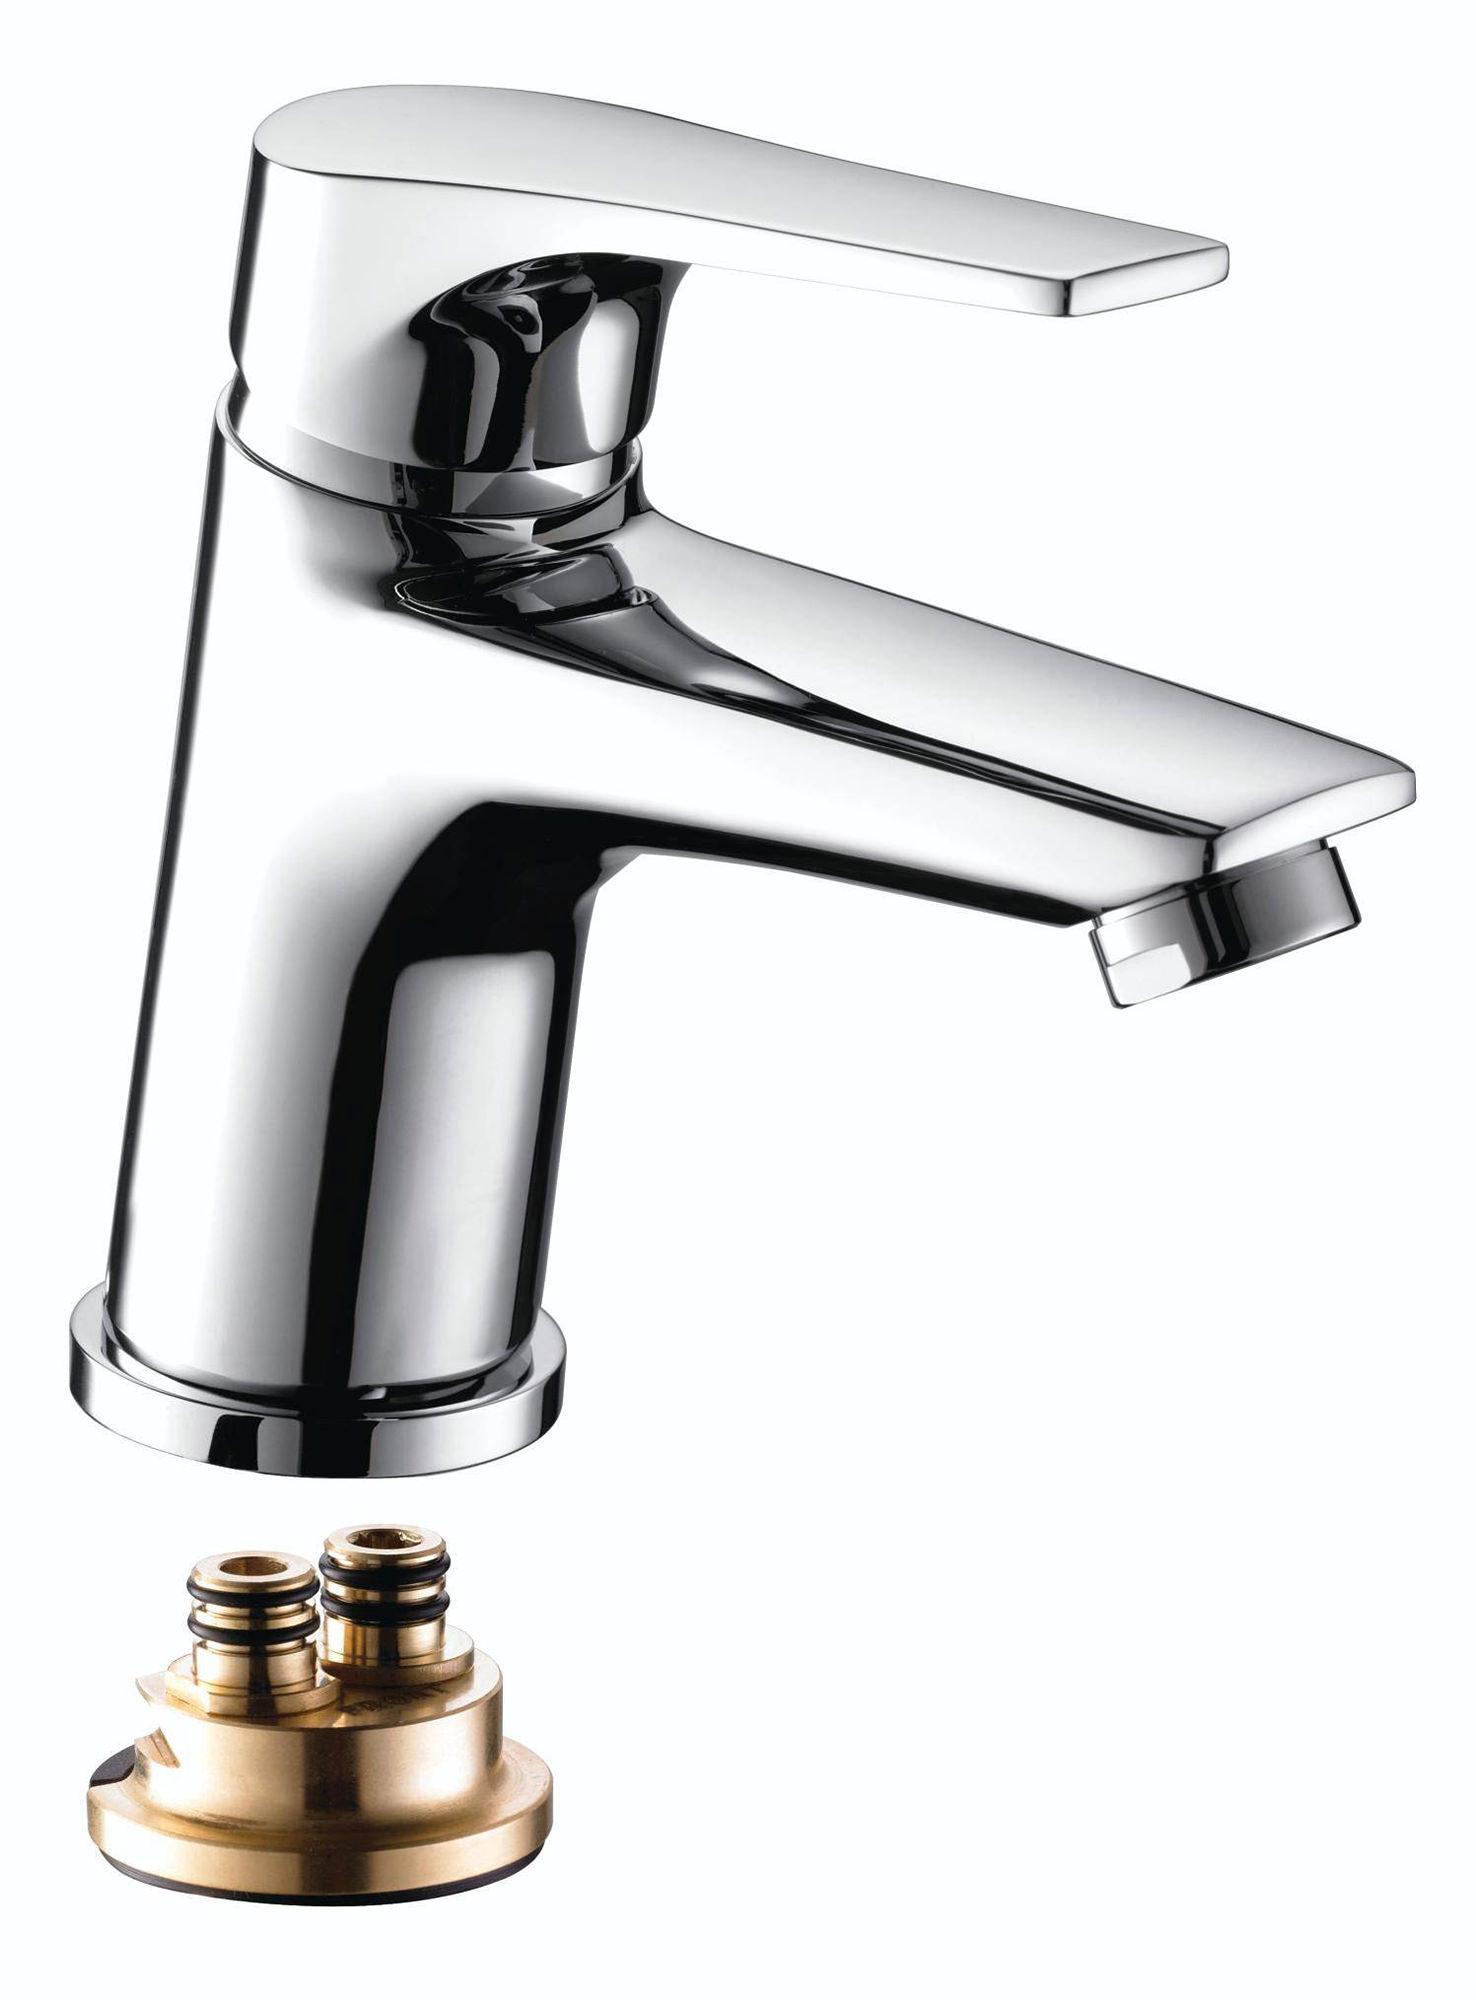 Bath Taps: Bristan Vantage Chrome Plated Basin Mixer Tap